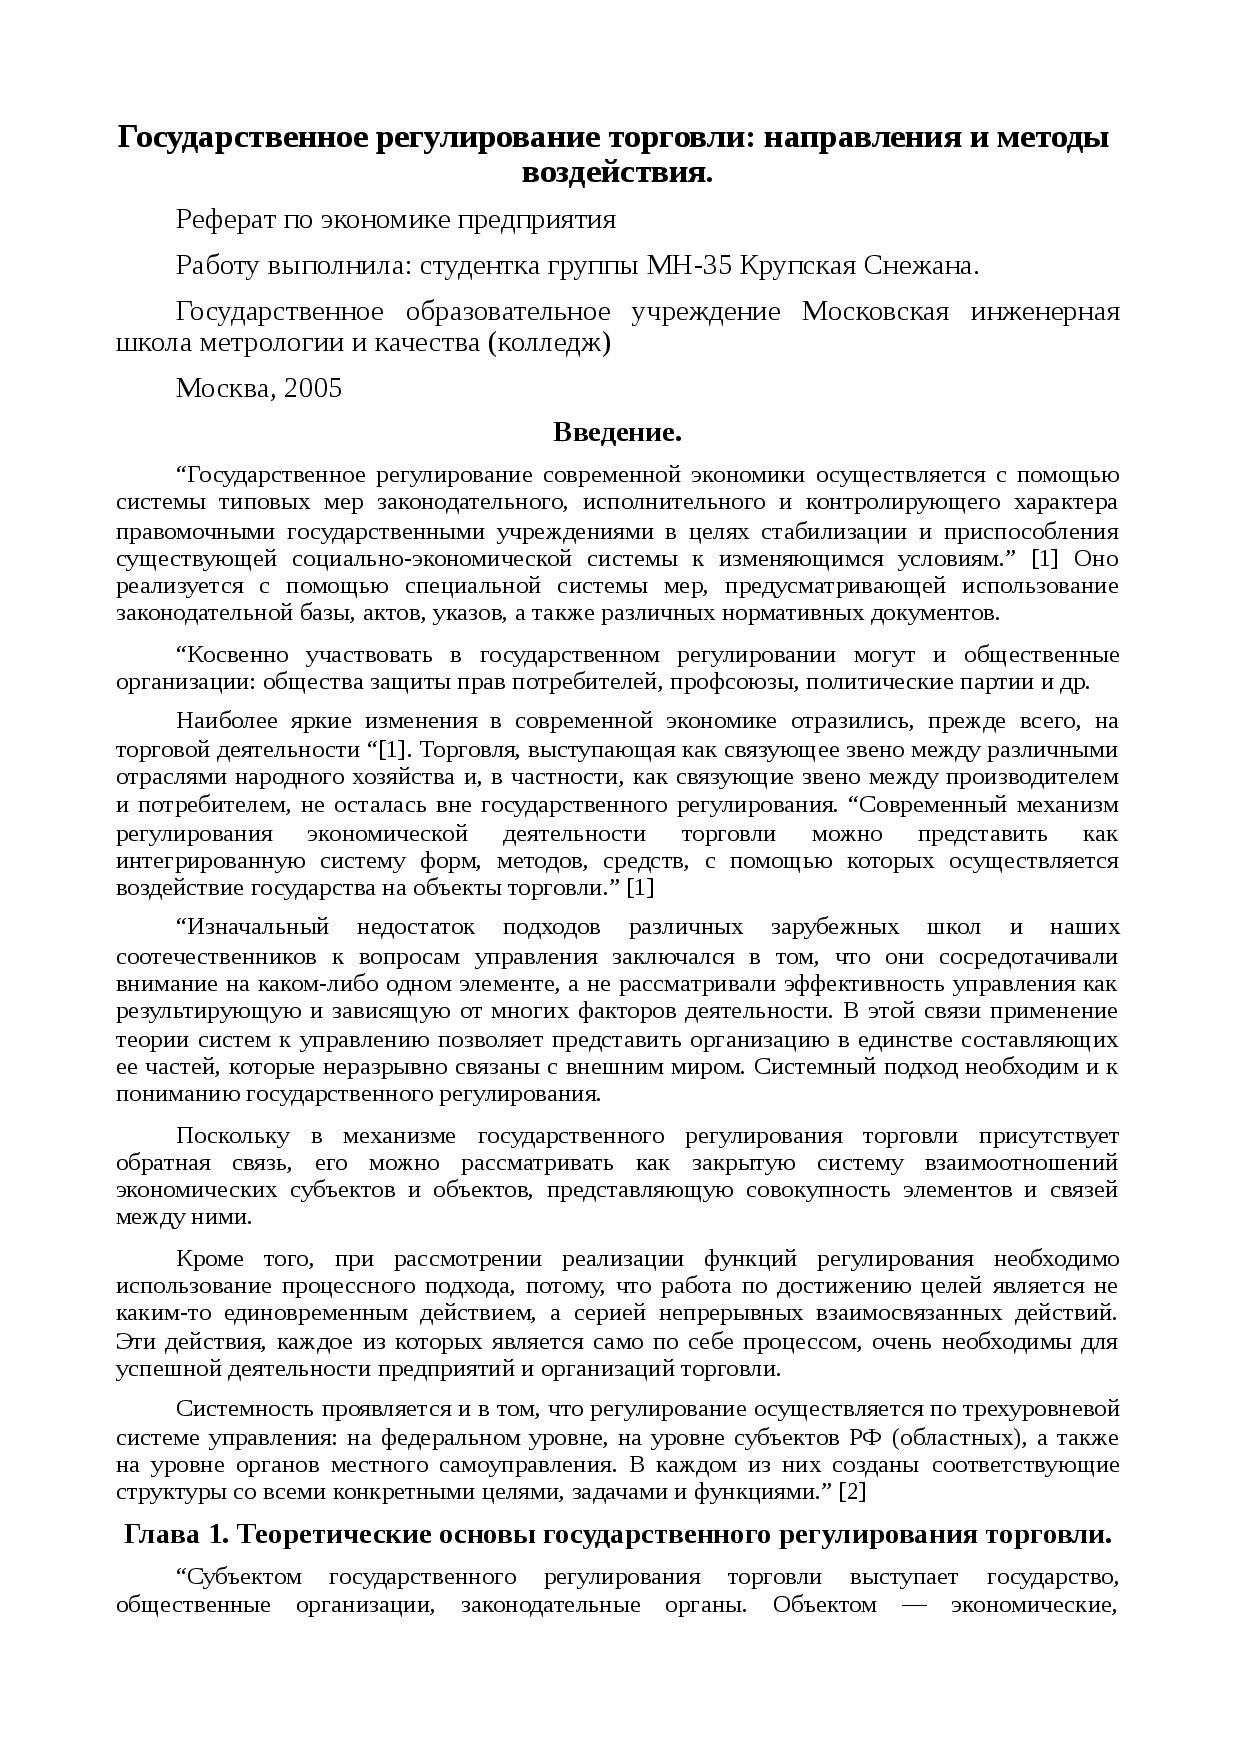 Опт и розница - отличия. оптовая и розничная торговля - fin-az.ru